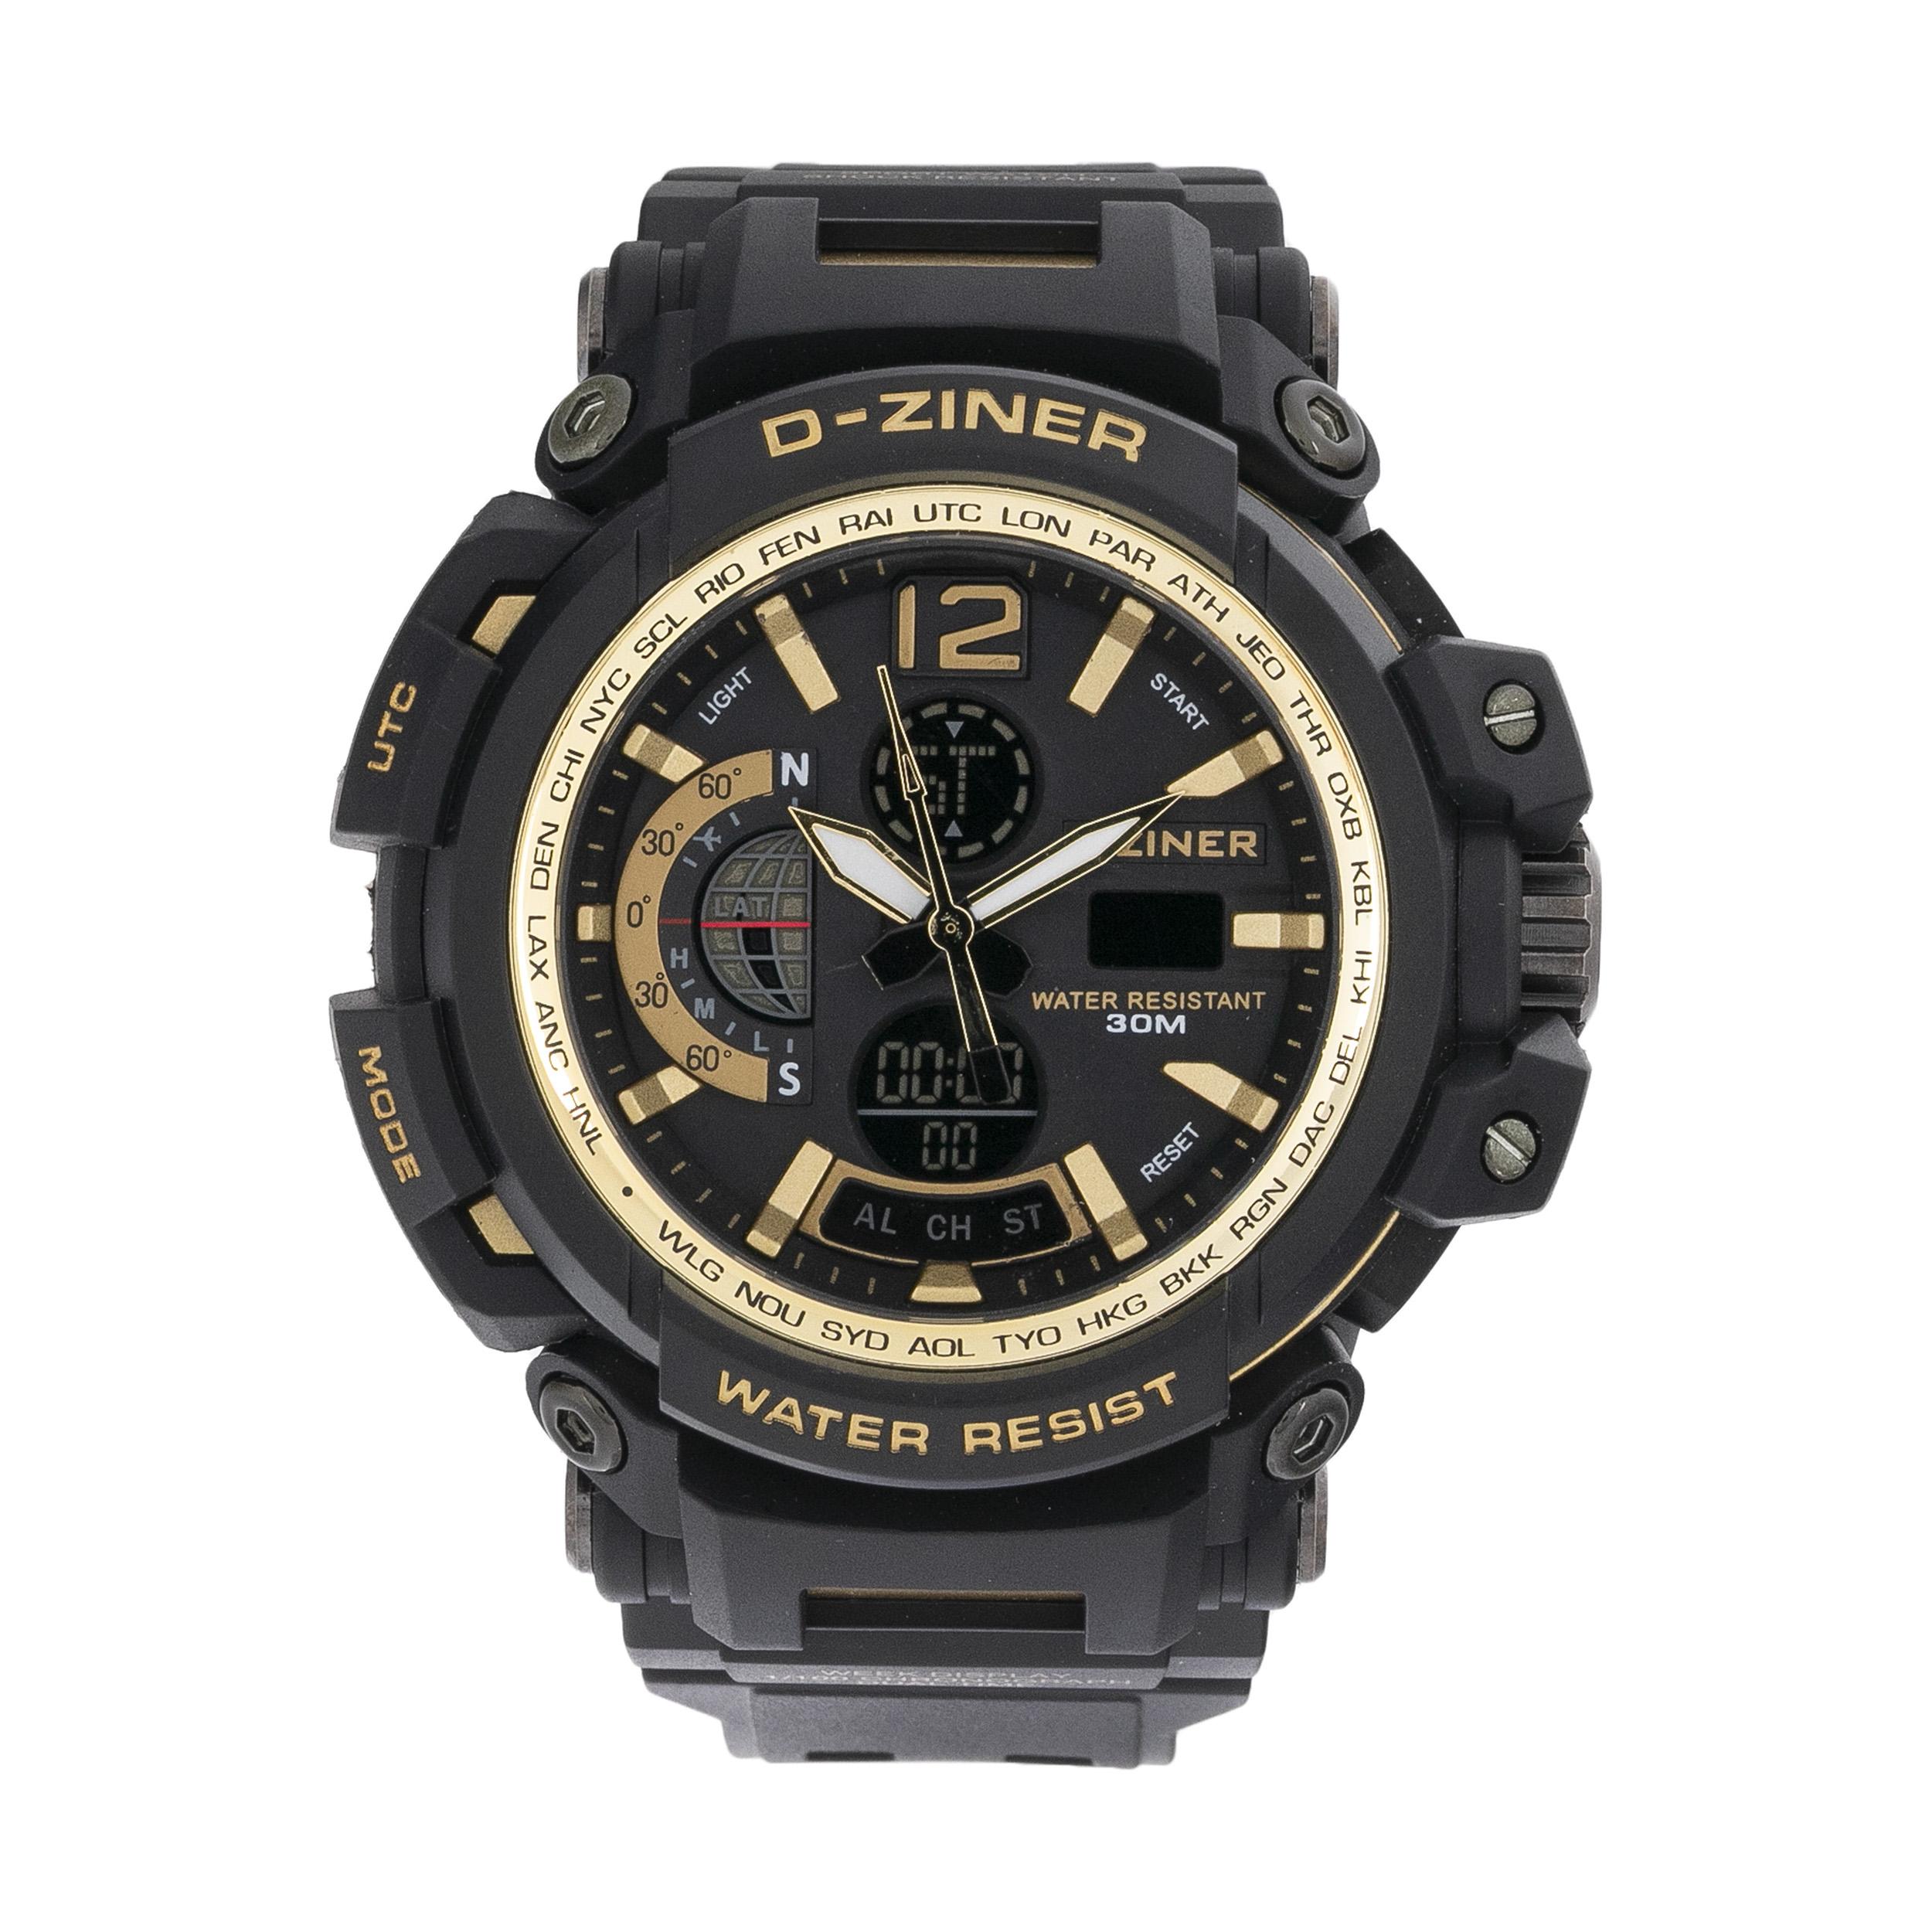 ساعت مچی عقربه ای مردانه دیزاینر مدل D-Z7004 37